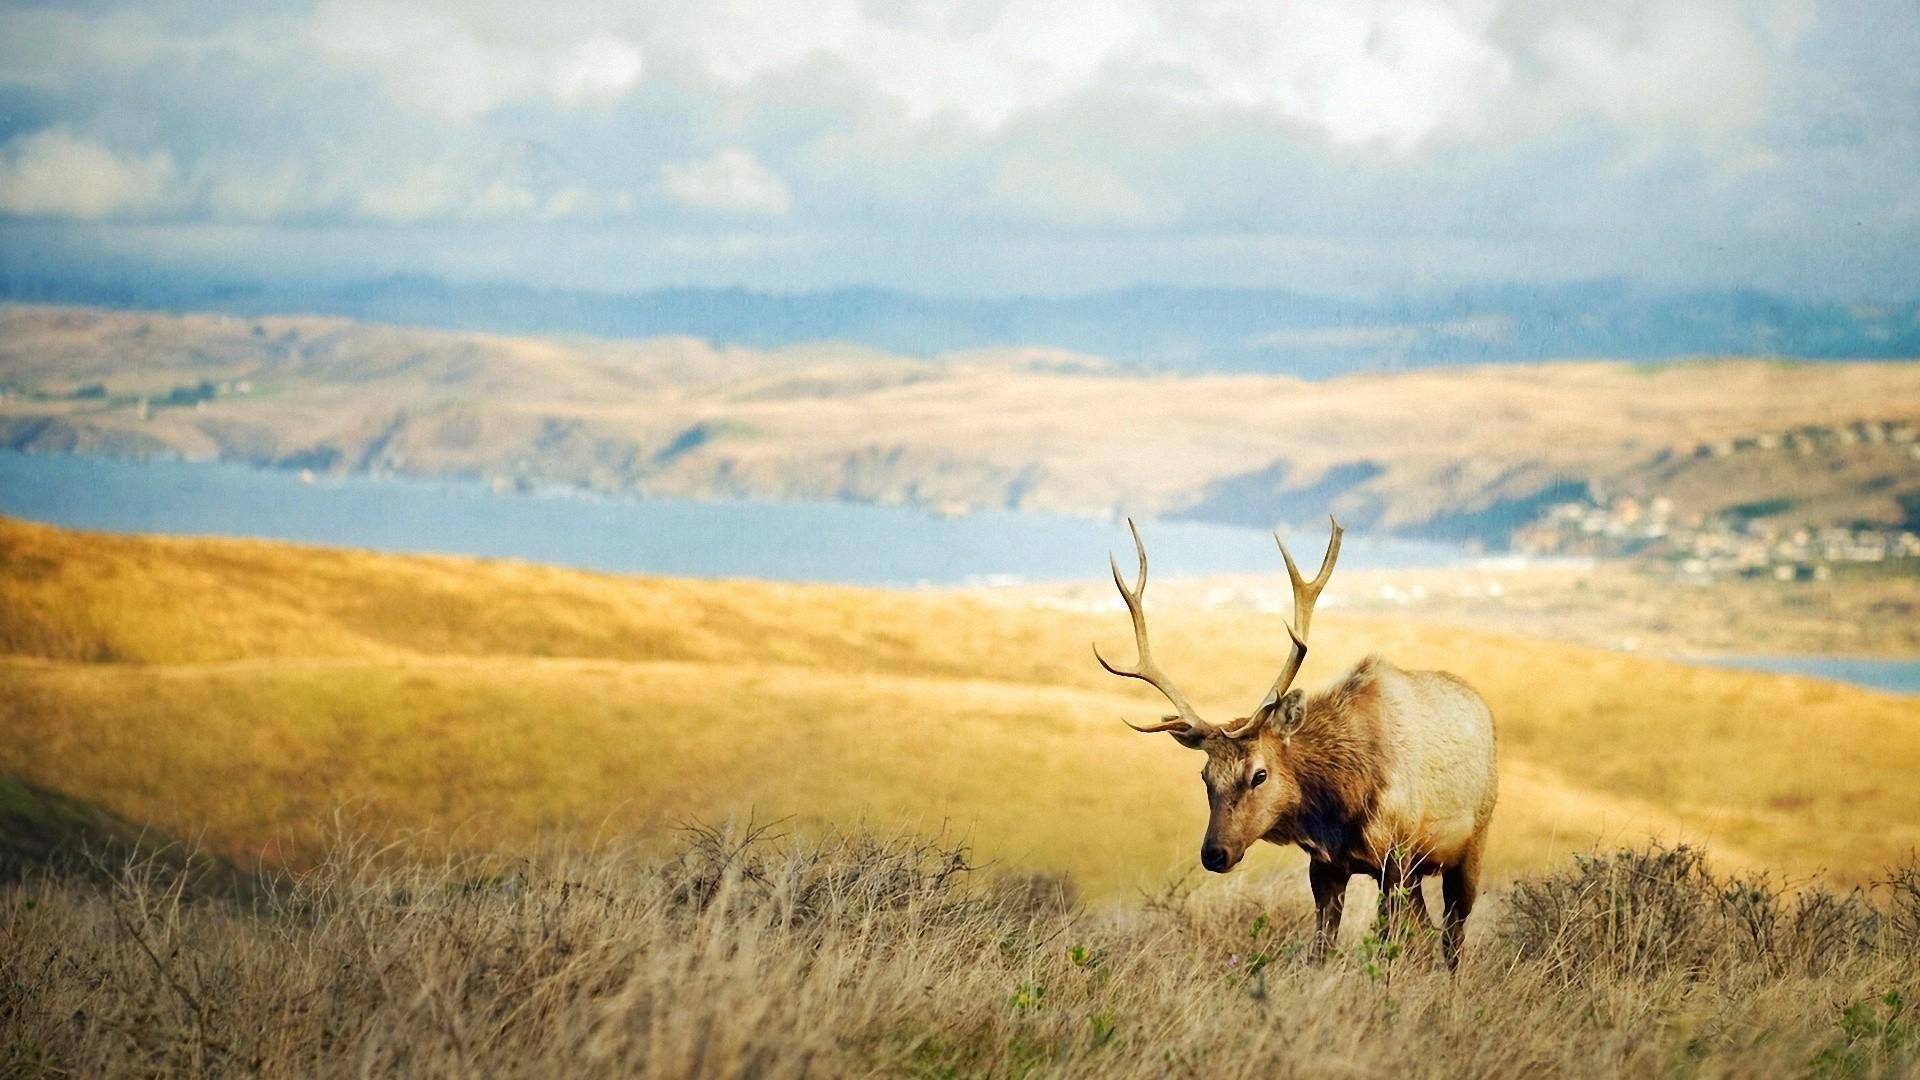 animals elk wallpaper 49282